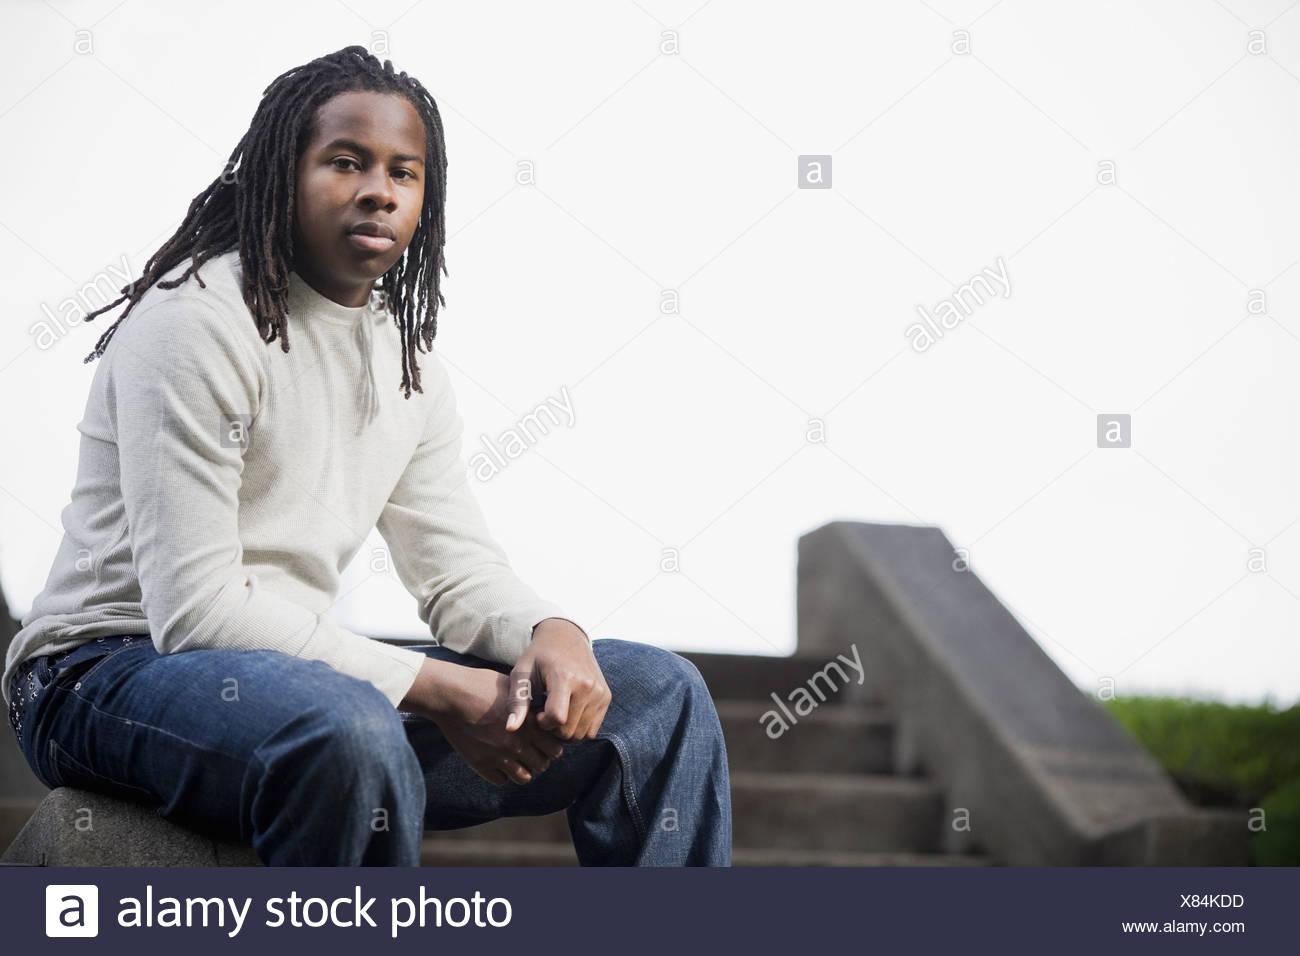 Ritratto di ragazzo adolescente (16-17) con Dreadlocks, seduti sui gradini Foto Stock